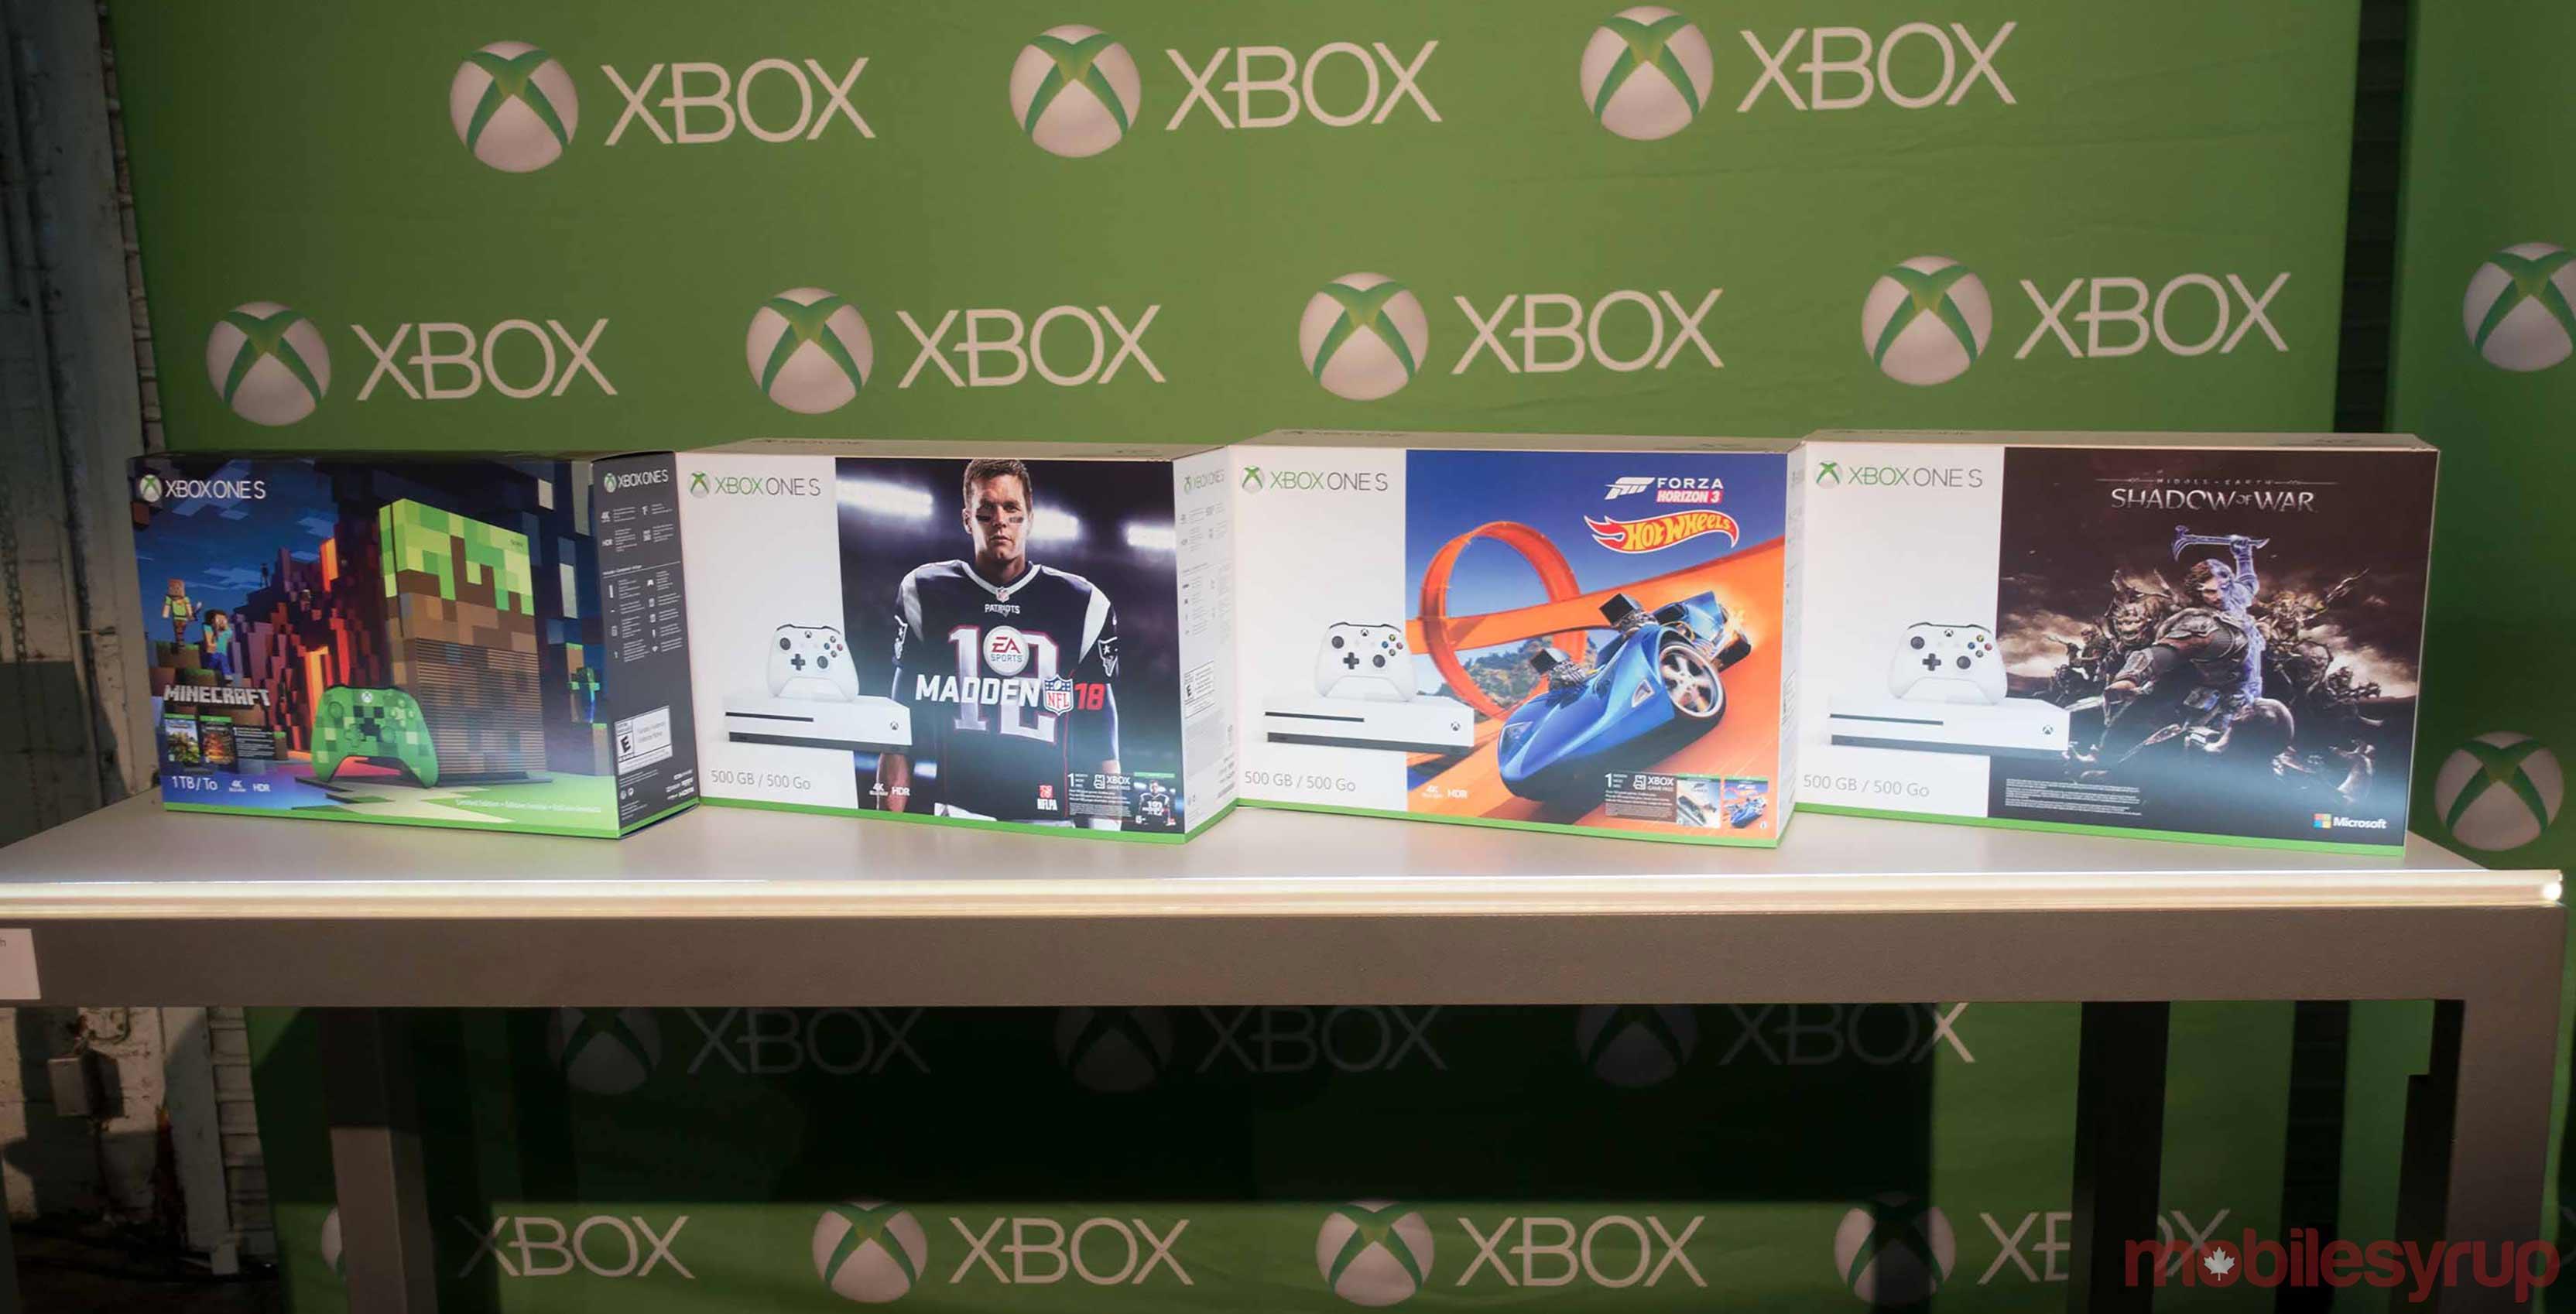 Xbox One S four bundles